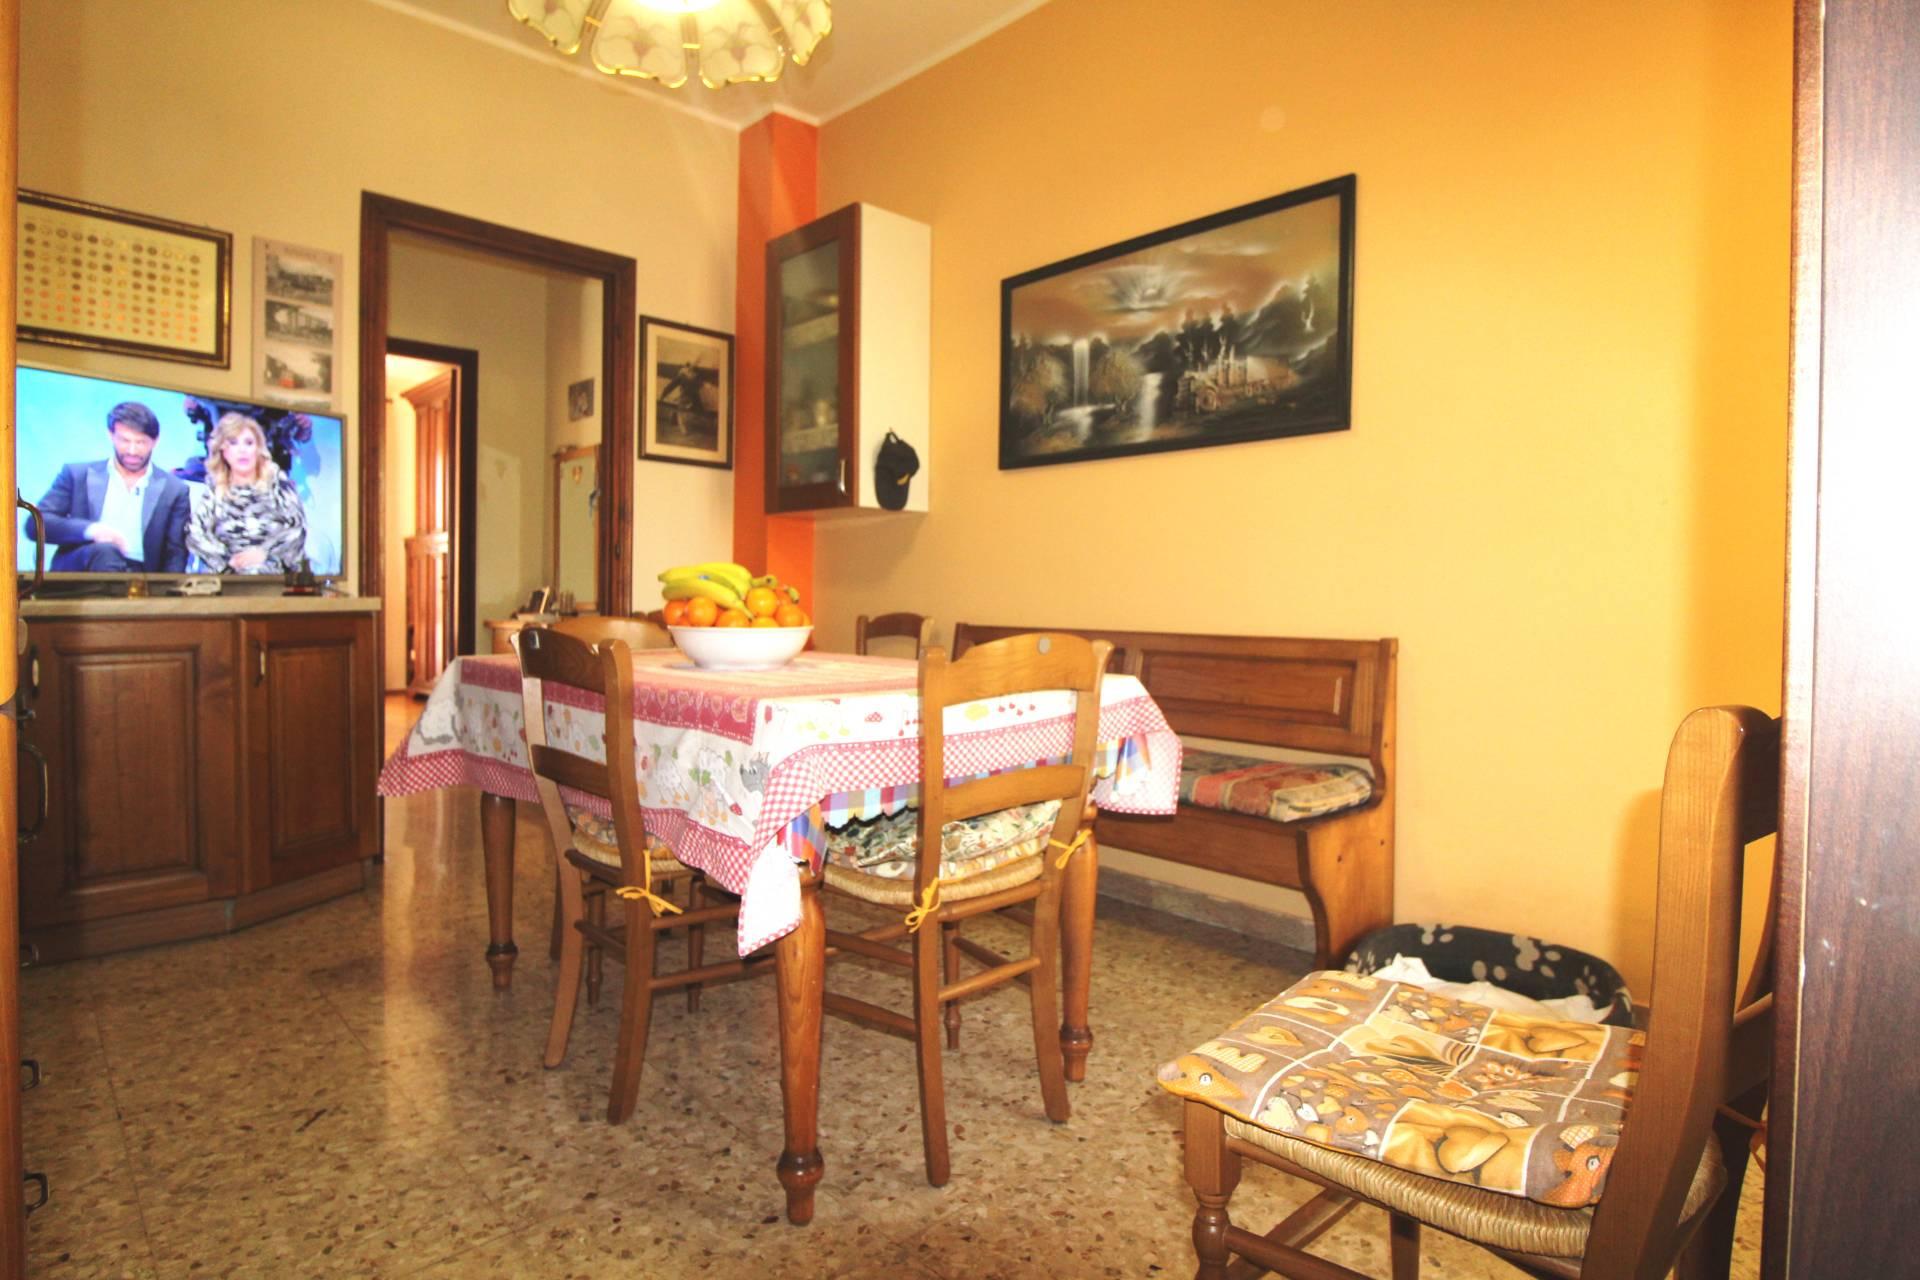 Appartamento in vendita a Rivoli, 2 locali, zona Località: CascineVica(to, prezzo € 94.000 | CambioCasa.it